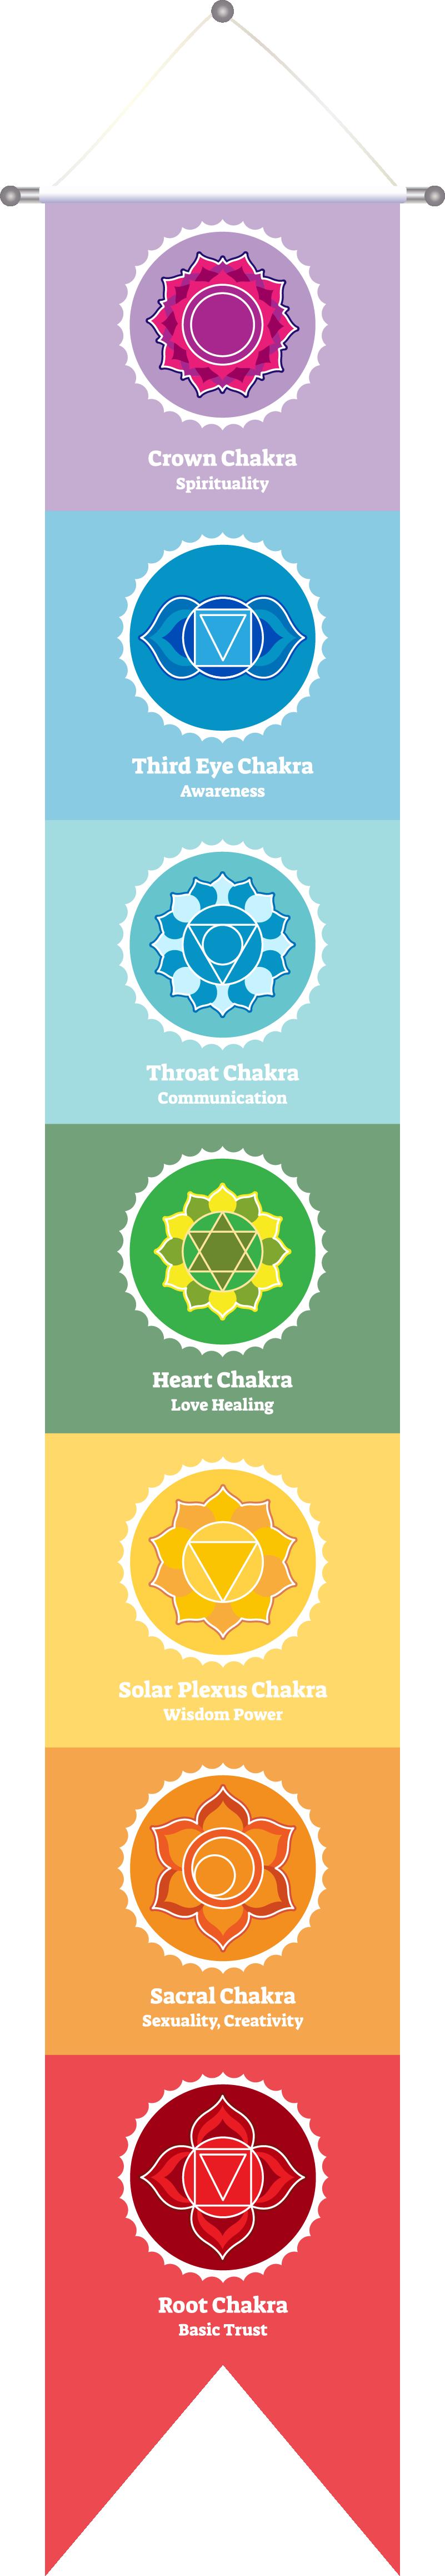 Tenstickers. Chakra-symbolikaavion kodiseinätarra. Tunne juurikakrasi kolmannesta silmäkrakastasi tällä kauniilla chakra-symbolikartta-seinätarralla. Ilmainen toimitus maailmanlaajuisesti!